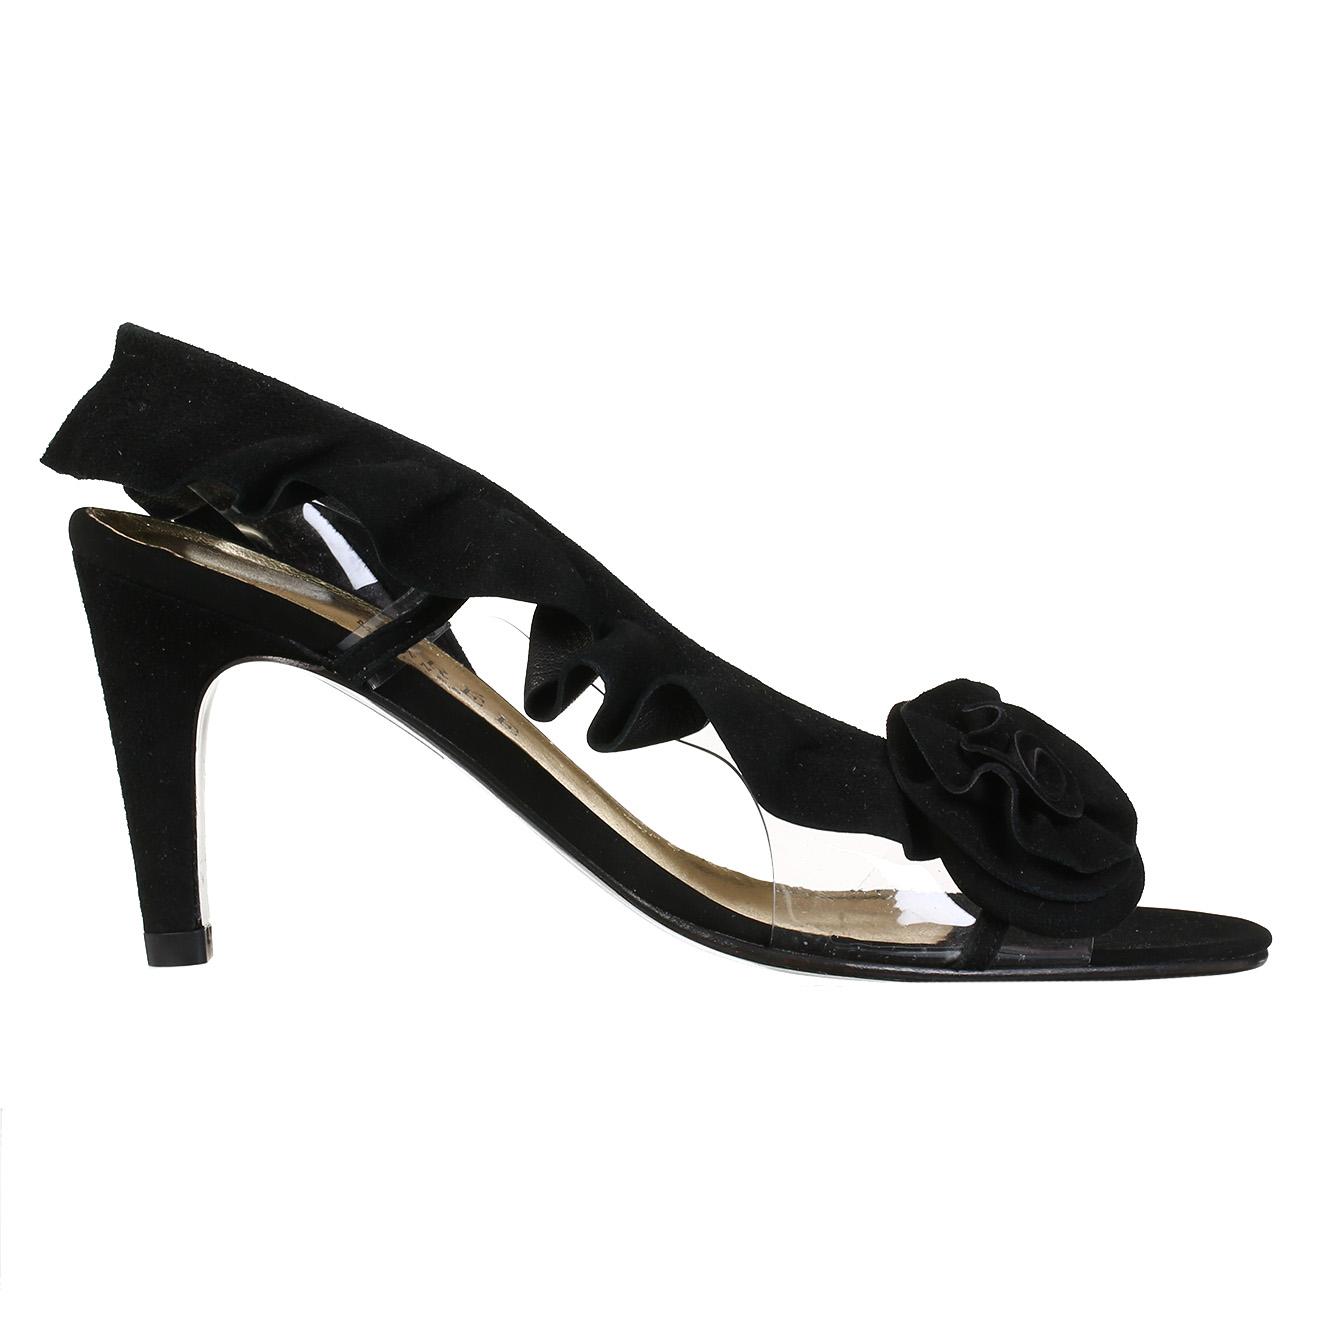 Sandales en Velours de Cuir Hortense noires - Talons 7 cm